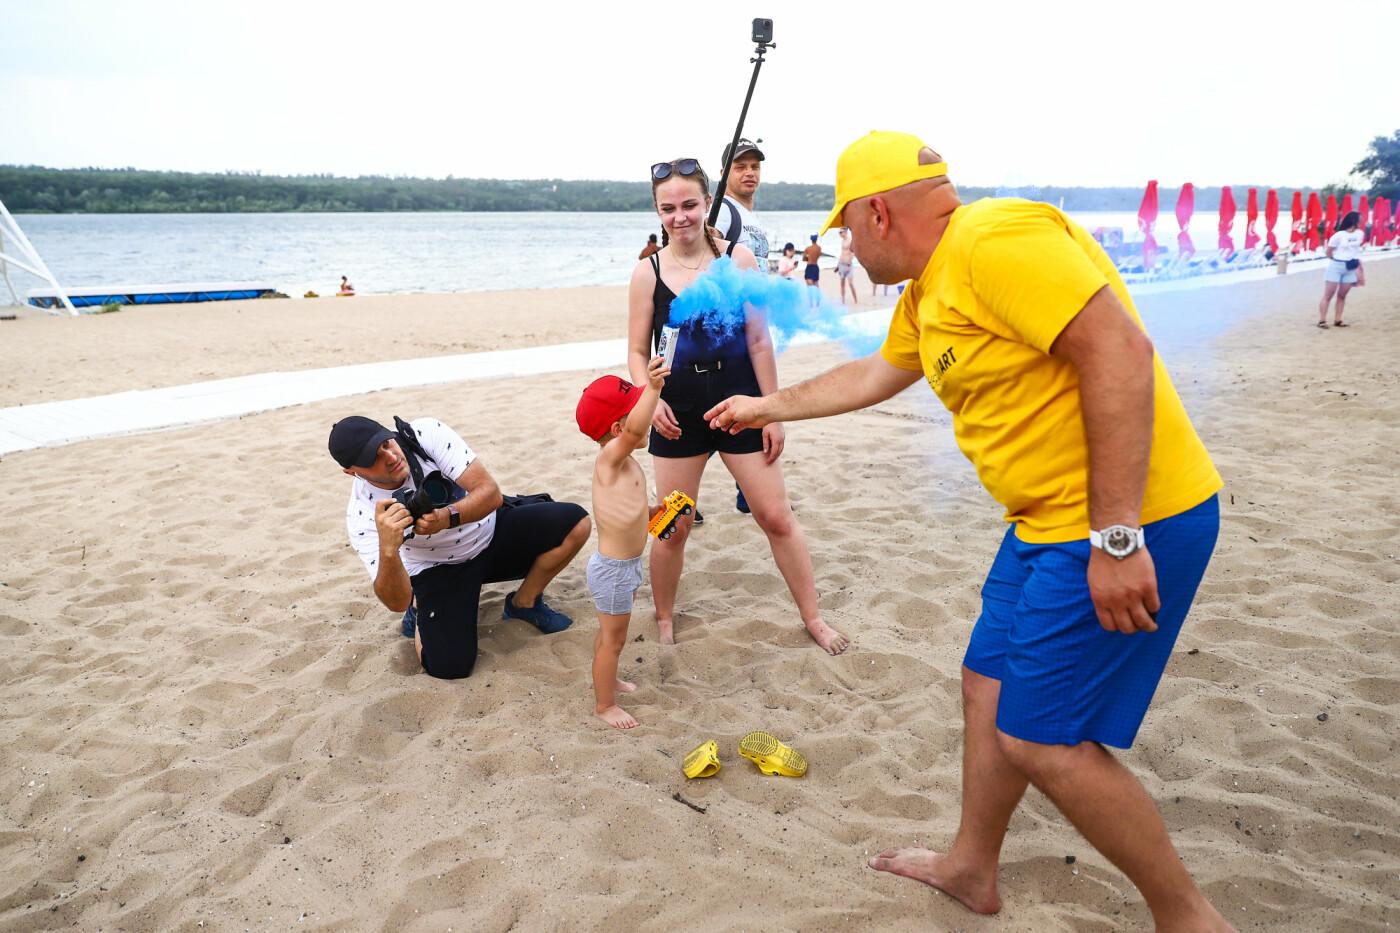 На пляже в Запорожье зажгли желто-синие дымовые шашки и установили рекорд Украины, - ФОТОРЕПОРТАЖ, фото-7